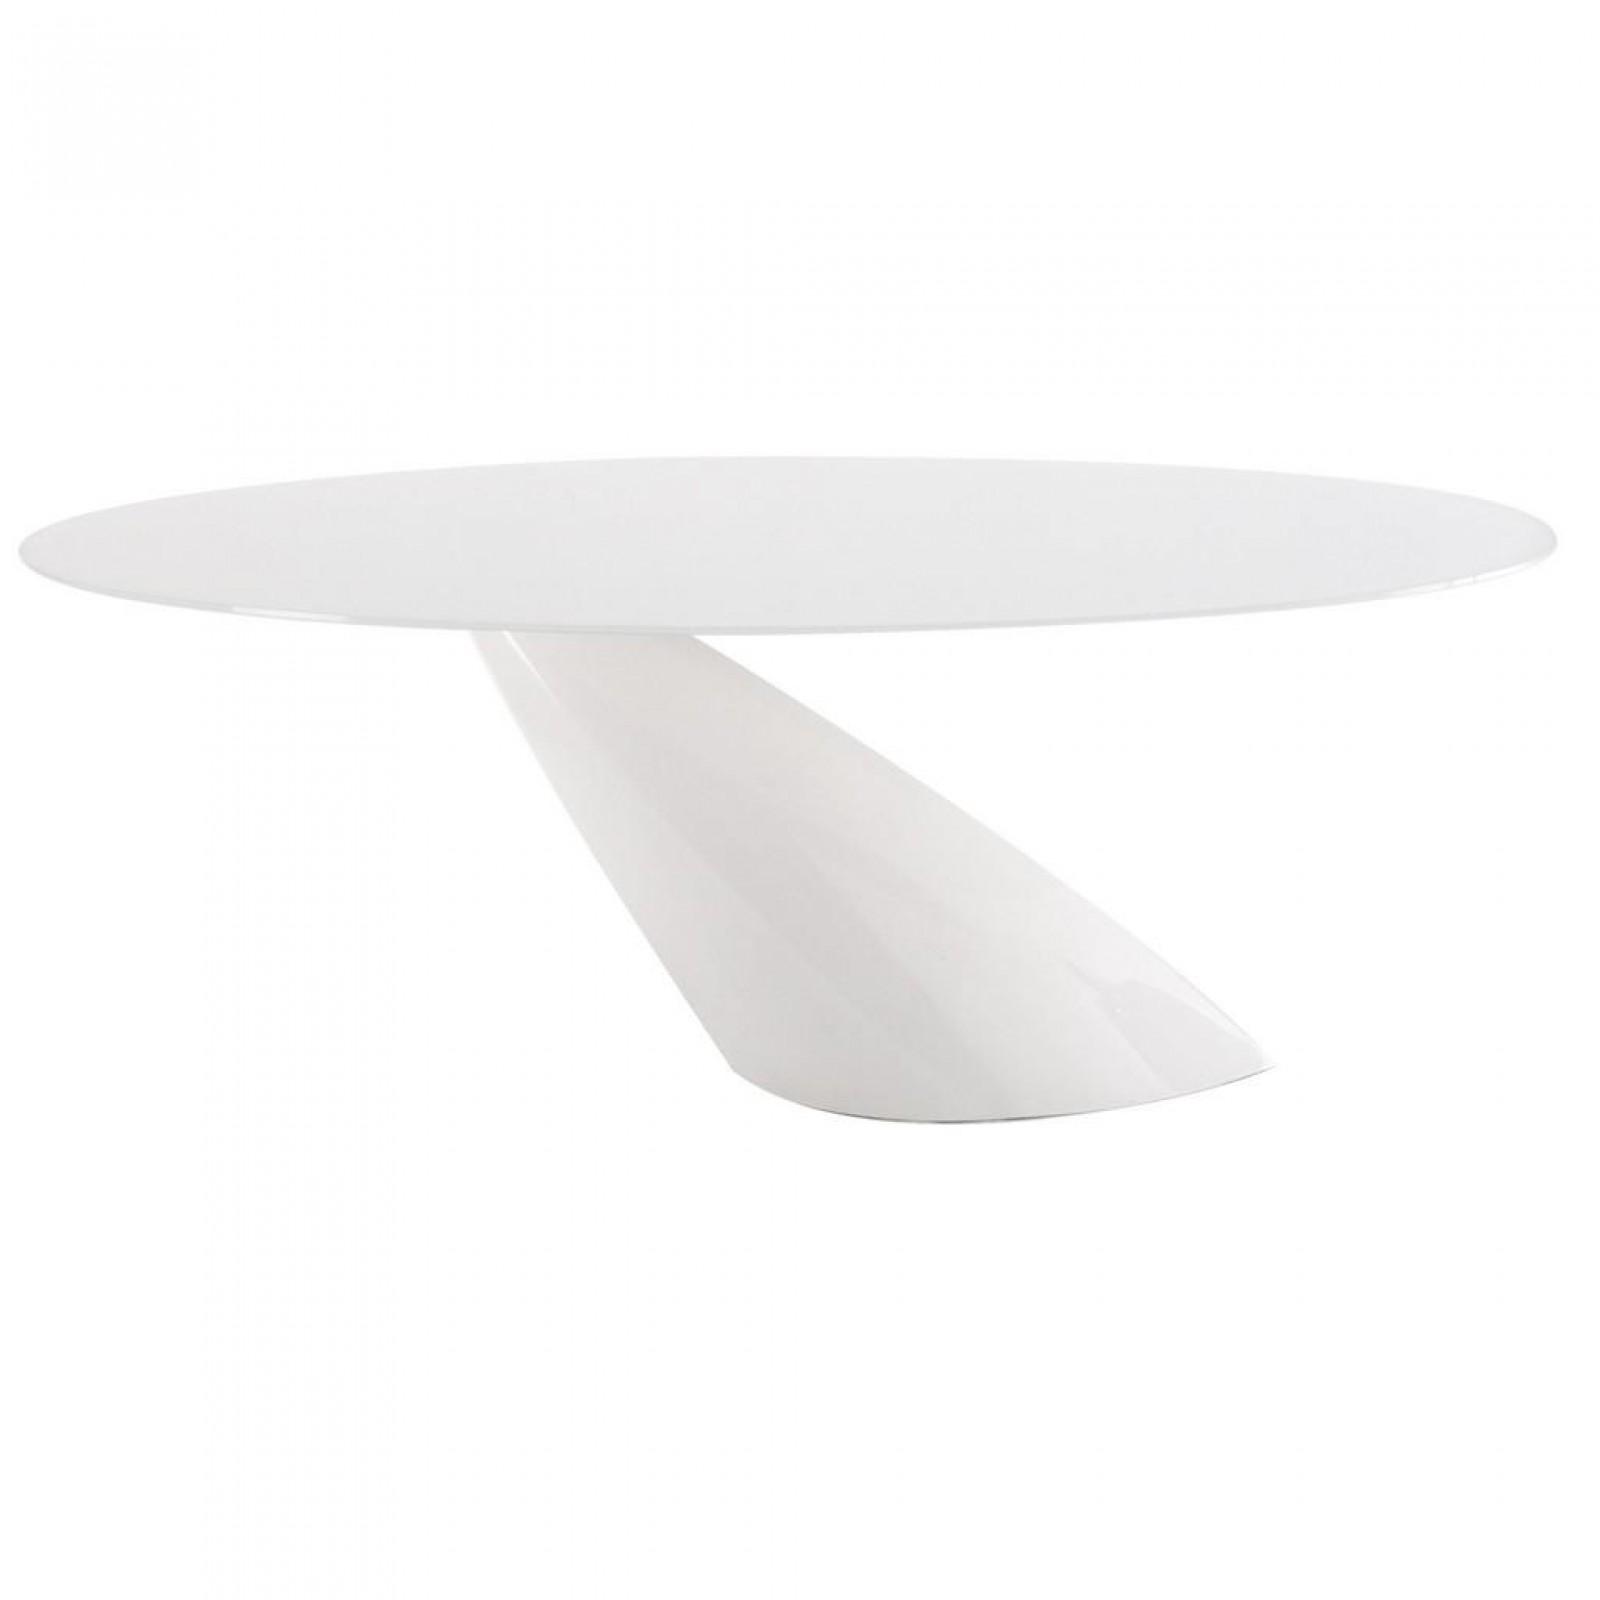 Oslo Table - Tafaruci Design